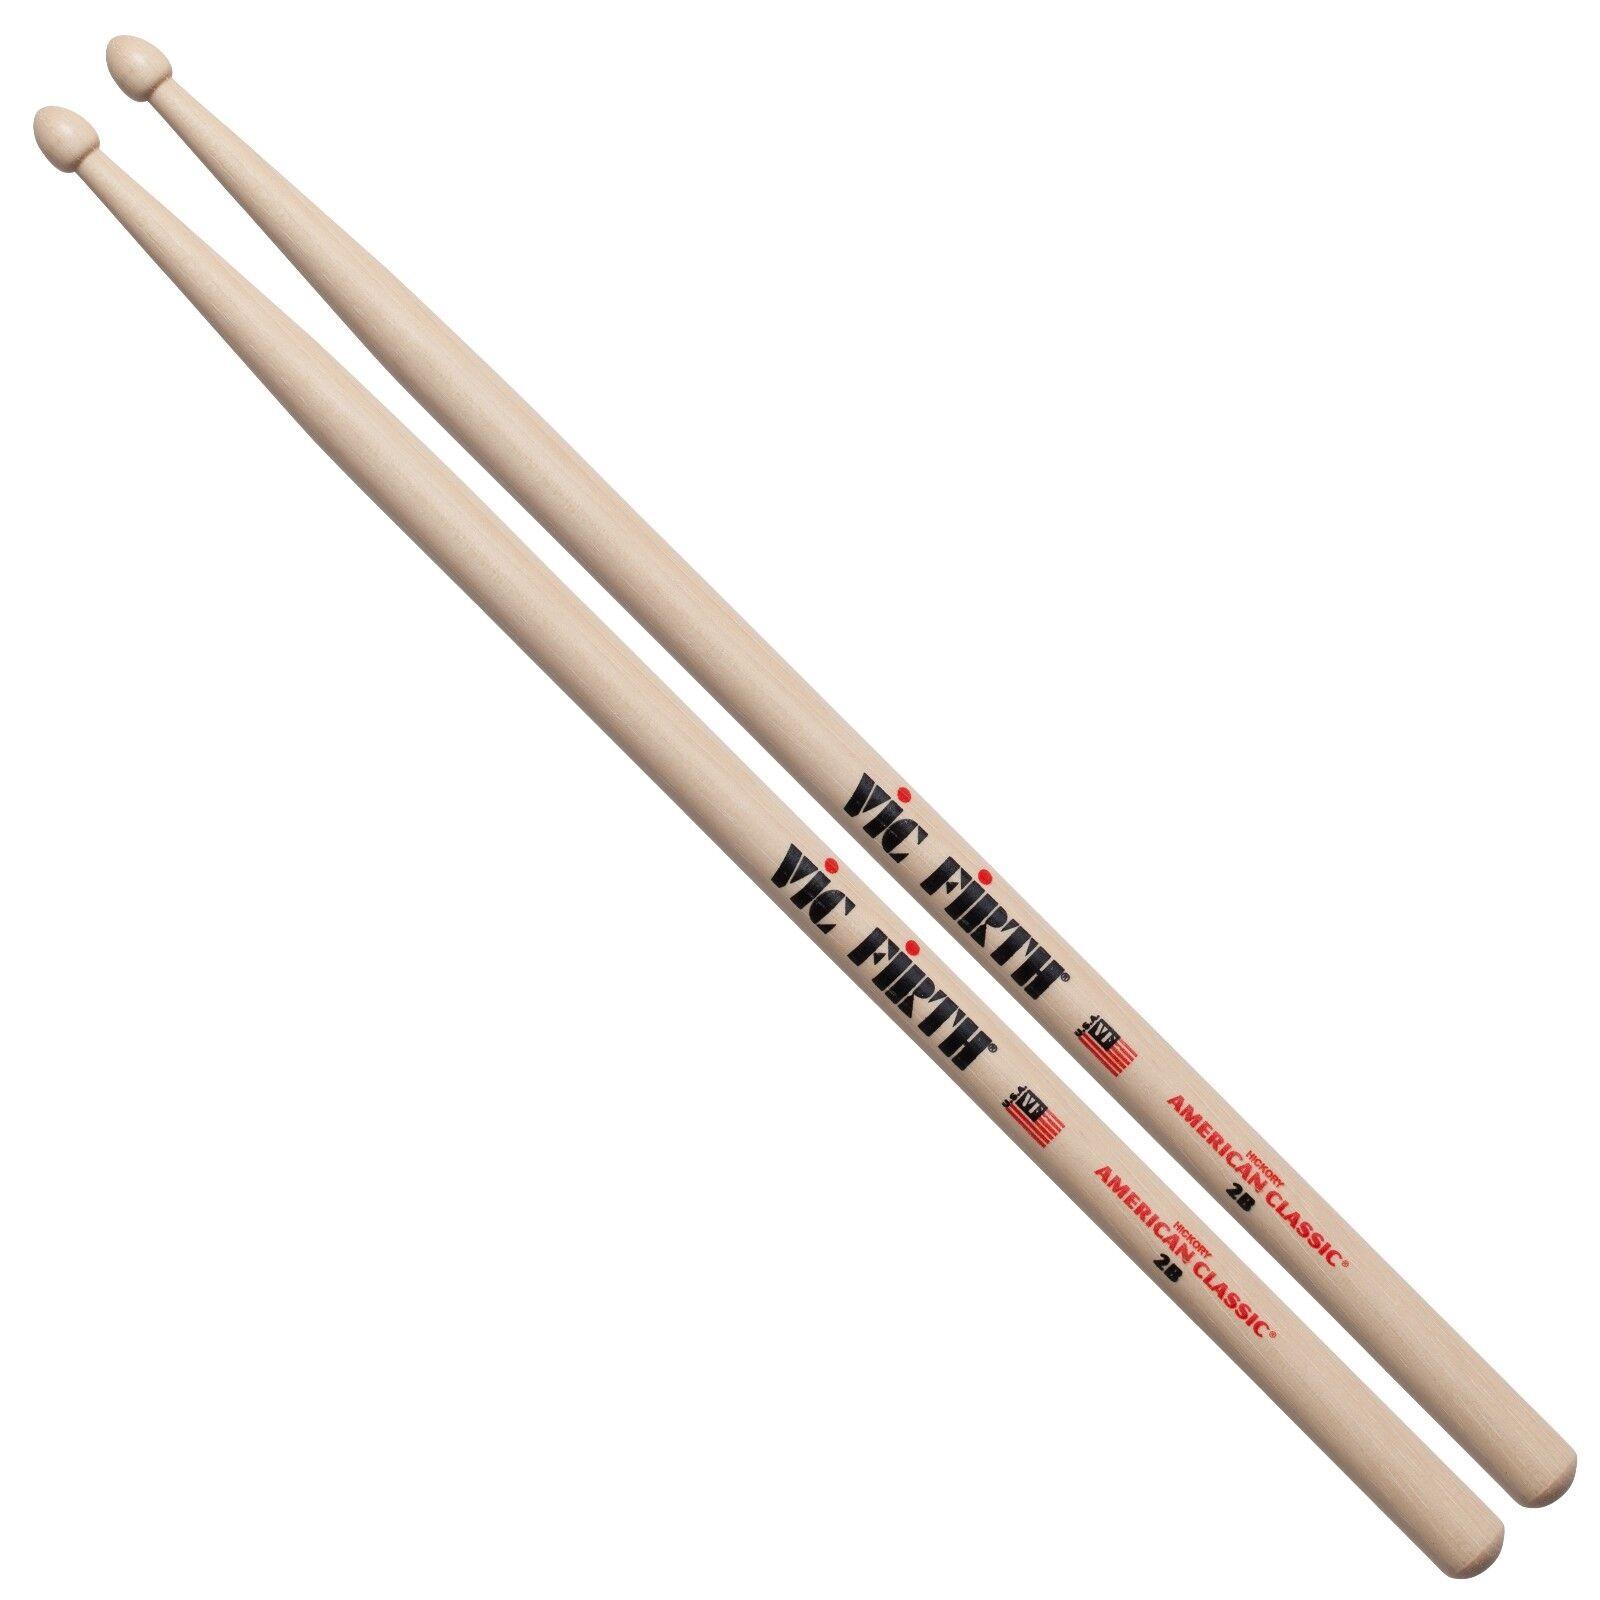 Vic Firth 2B Wood Tip Drum Sticks - 1 pair, 2 pairs, 6 pairs, 12 pairs